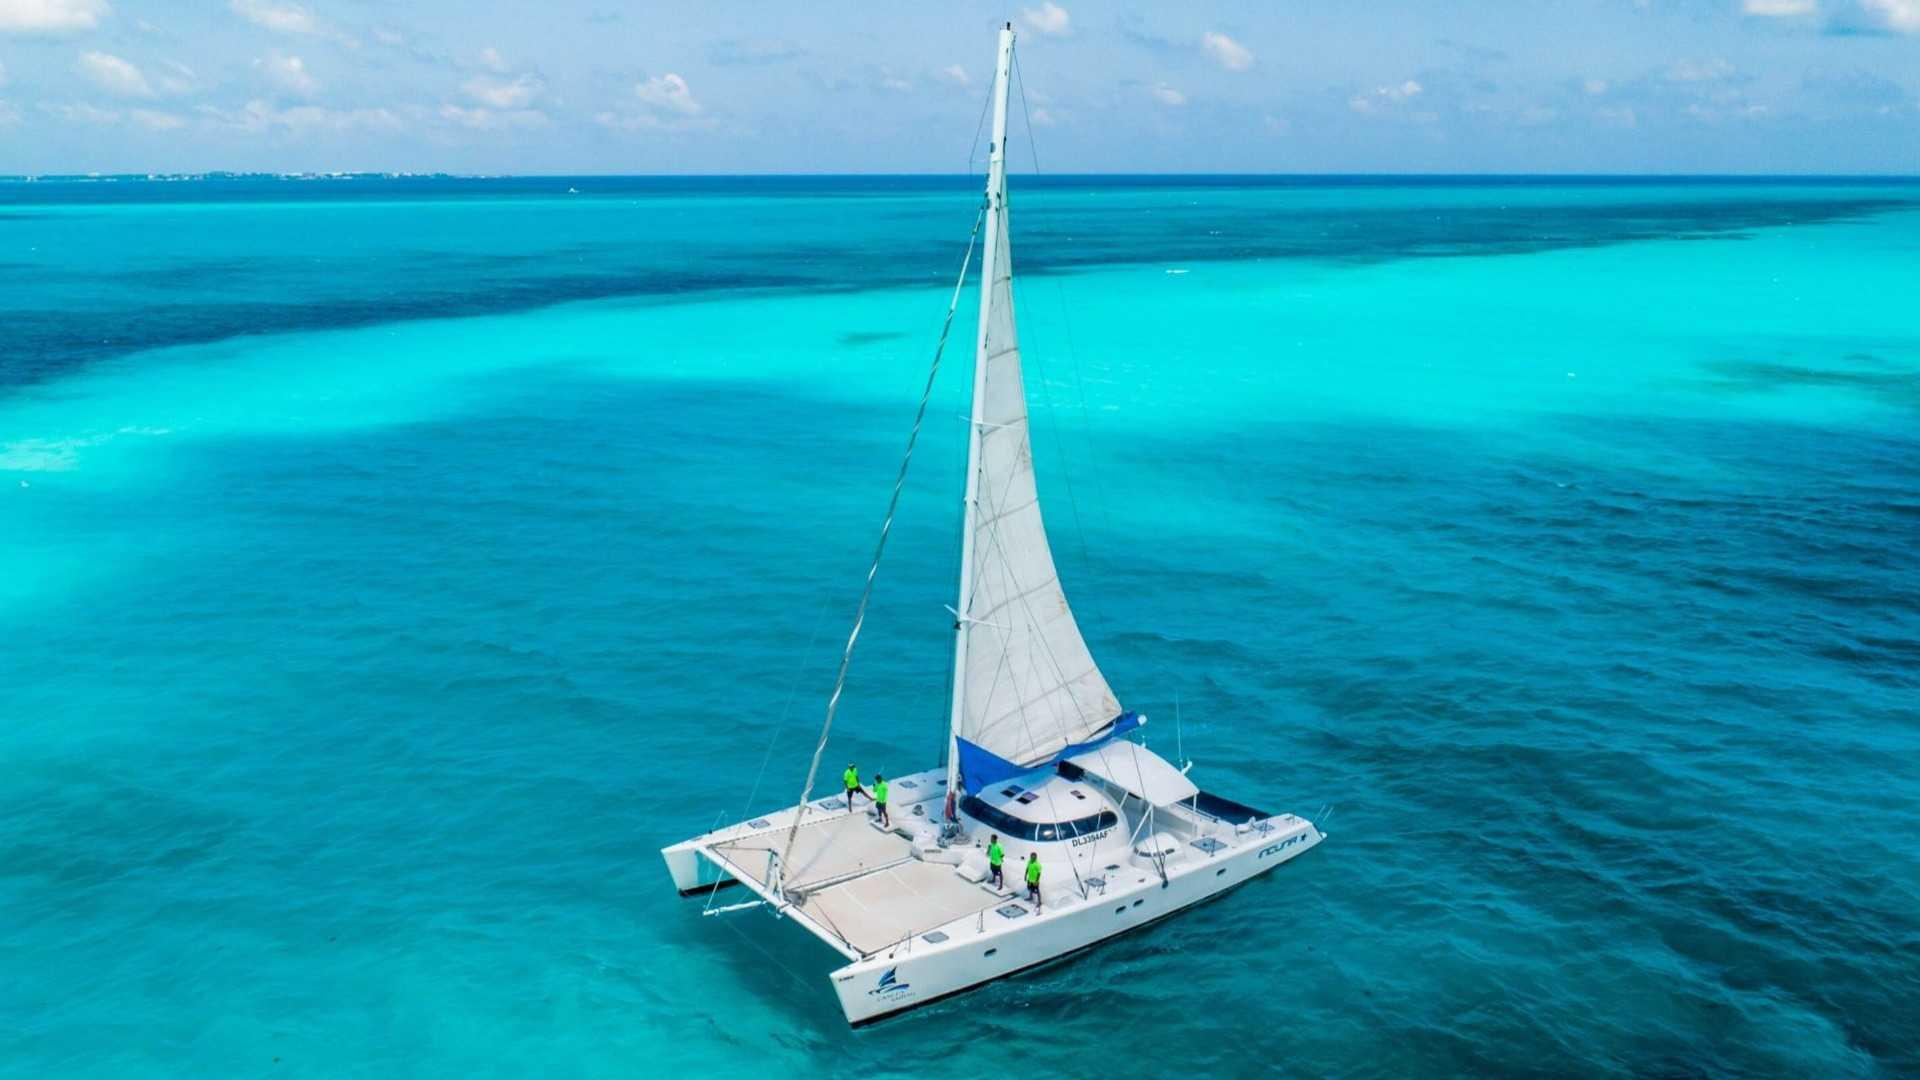 3 - LoRes - Induna - Isla Mujeres Catamaran Tour - Cancun Sailing